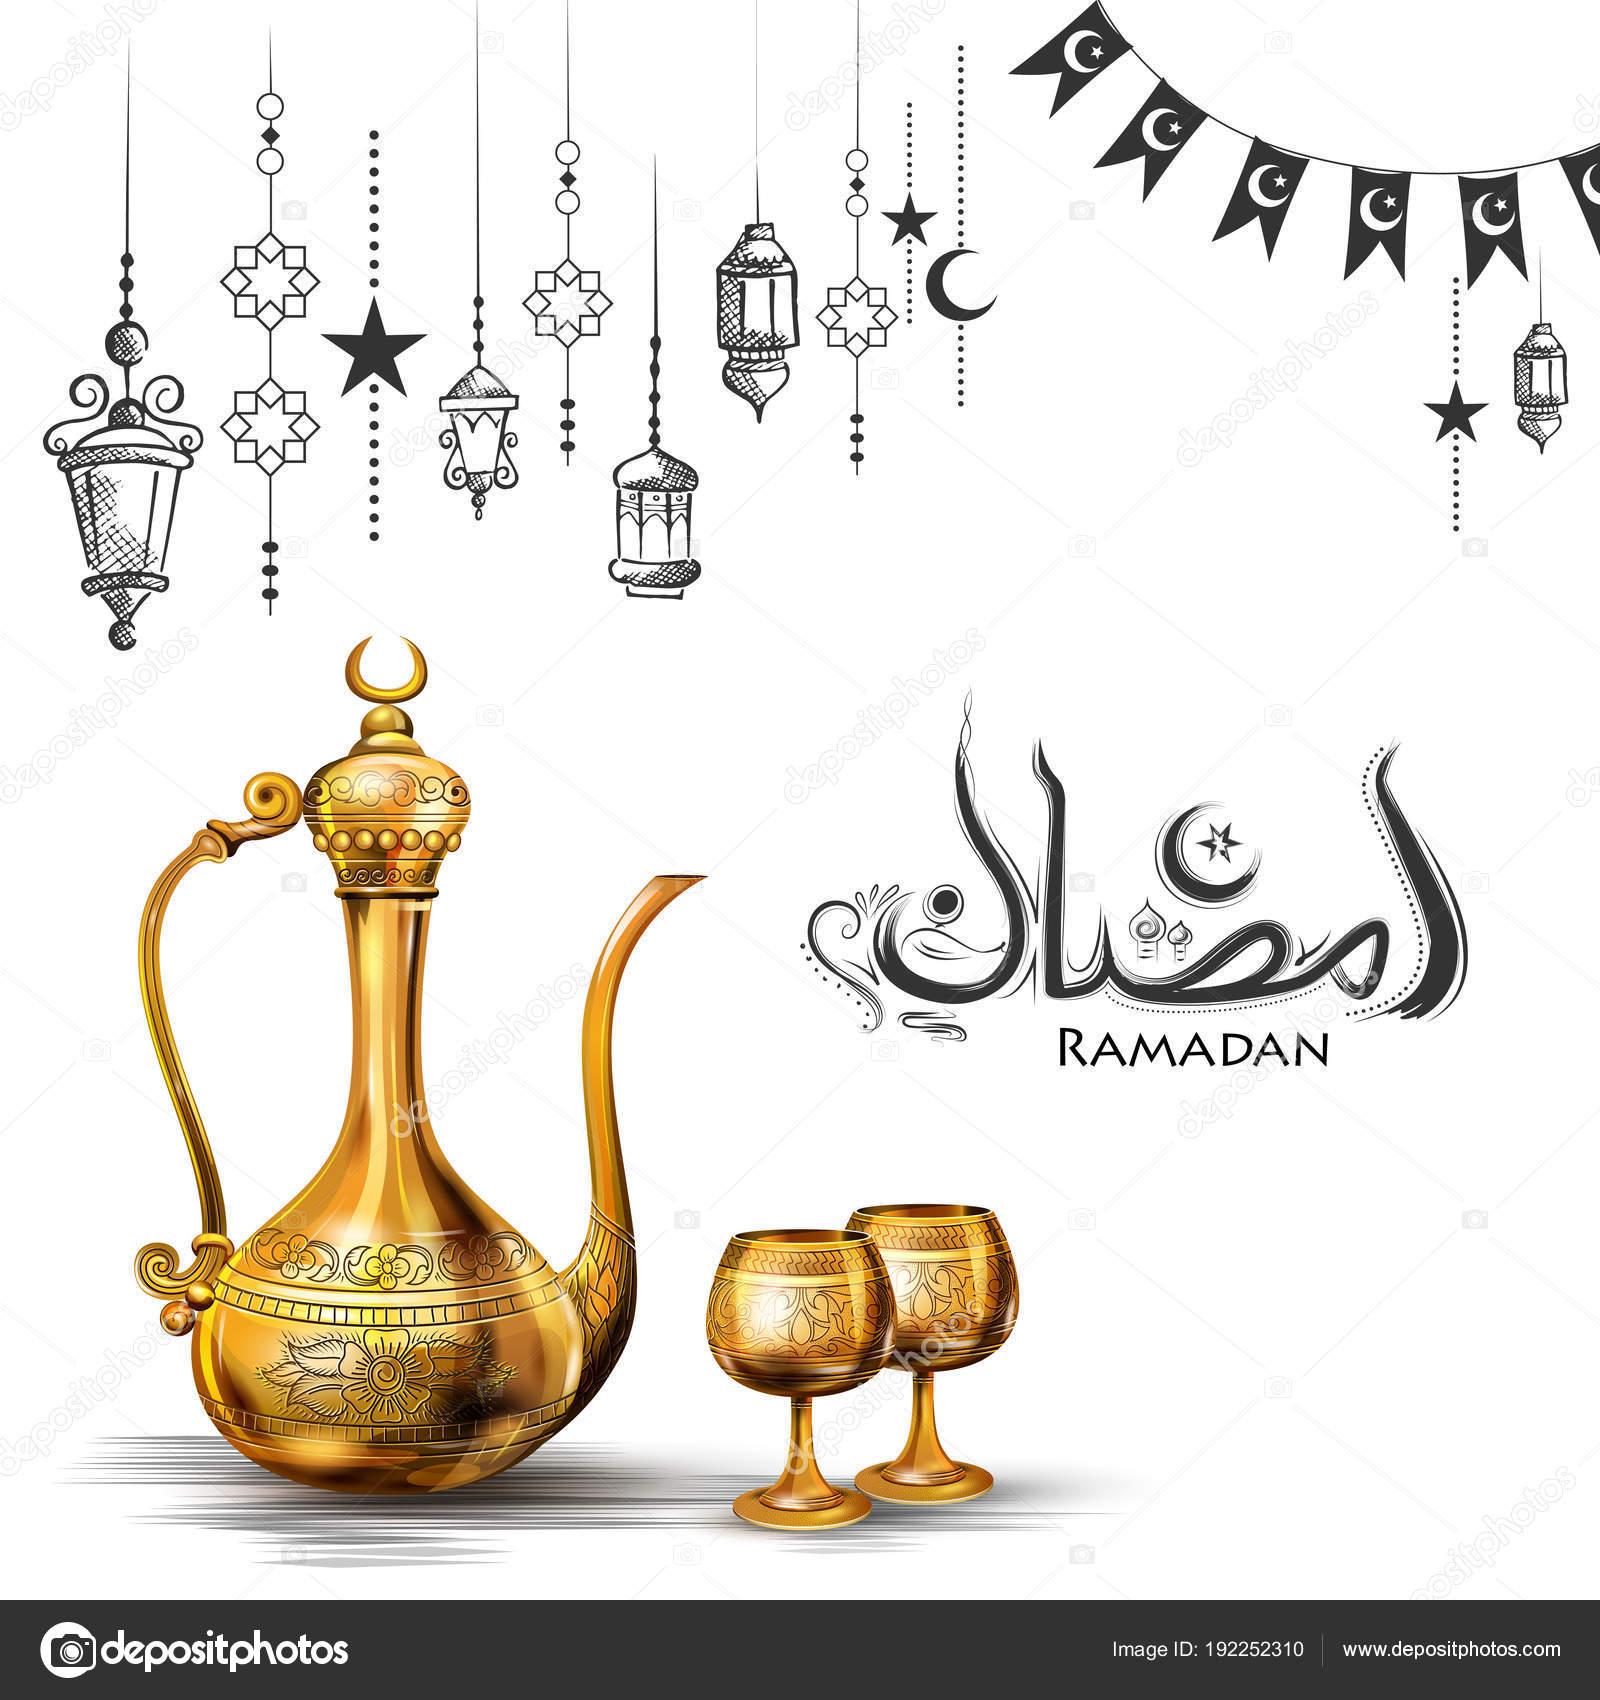 Ramadan kareem generous ramadan greetings for islam religious ramadan kareem generous ramadan greetings for islam religious festival eid with olden floral frame stock m4hsunfo Images